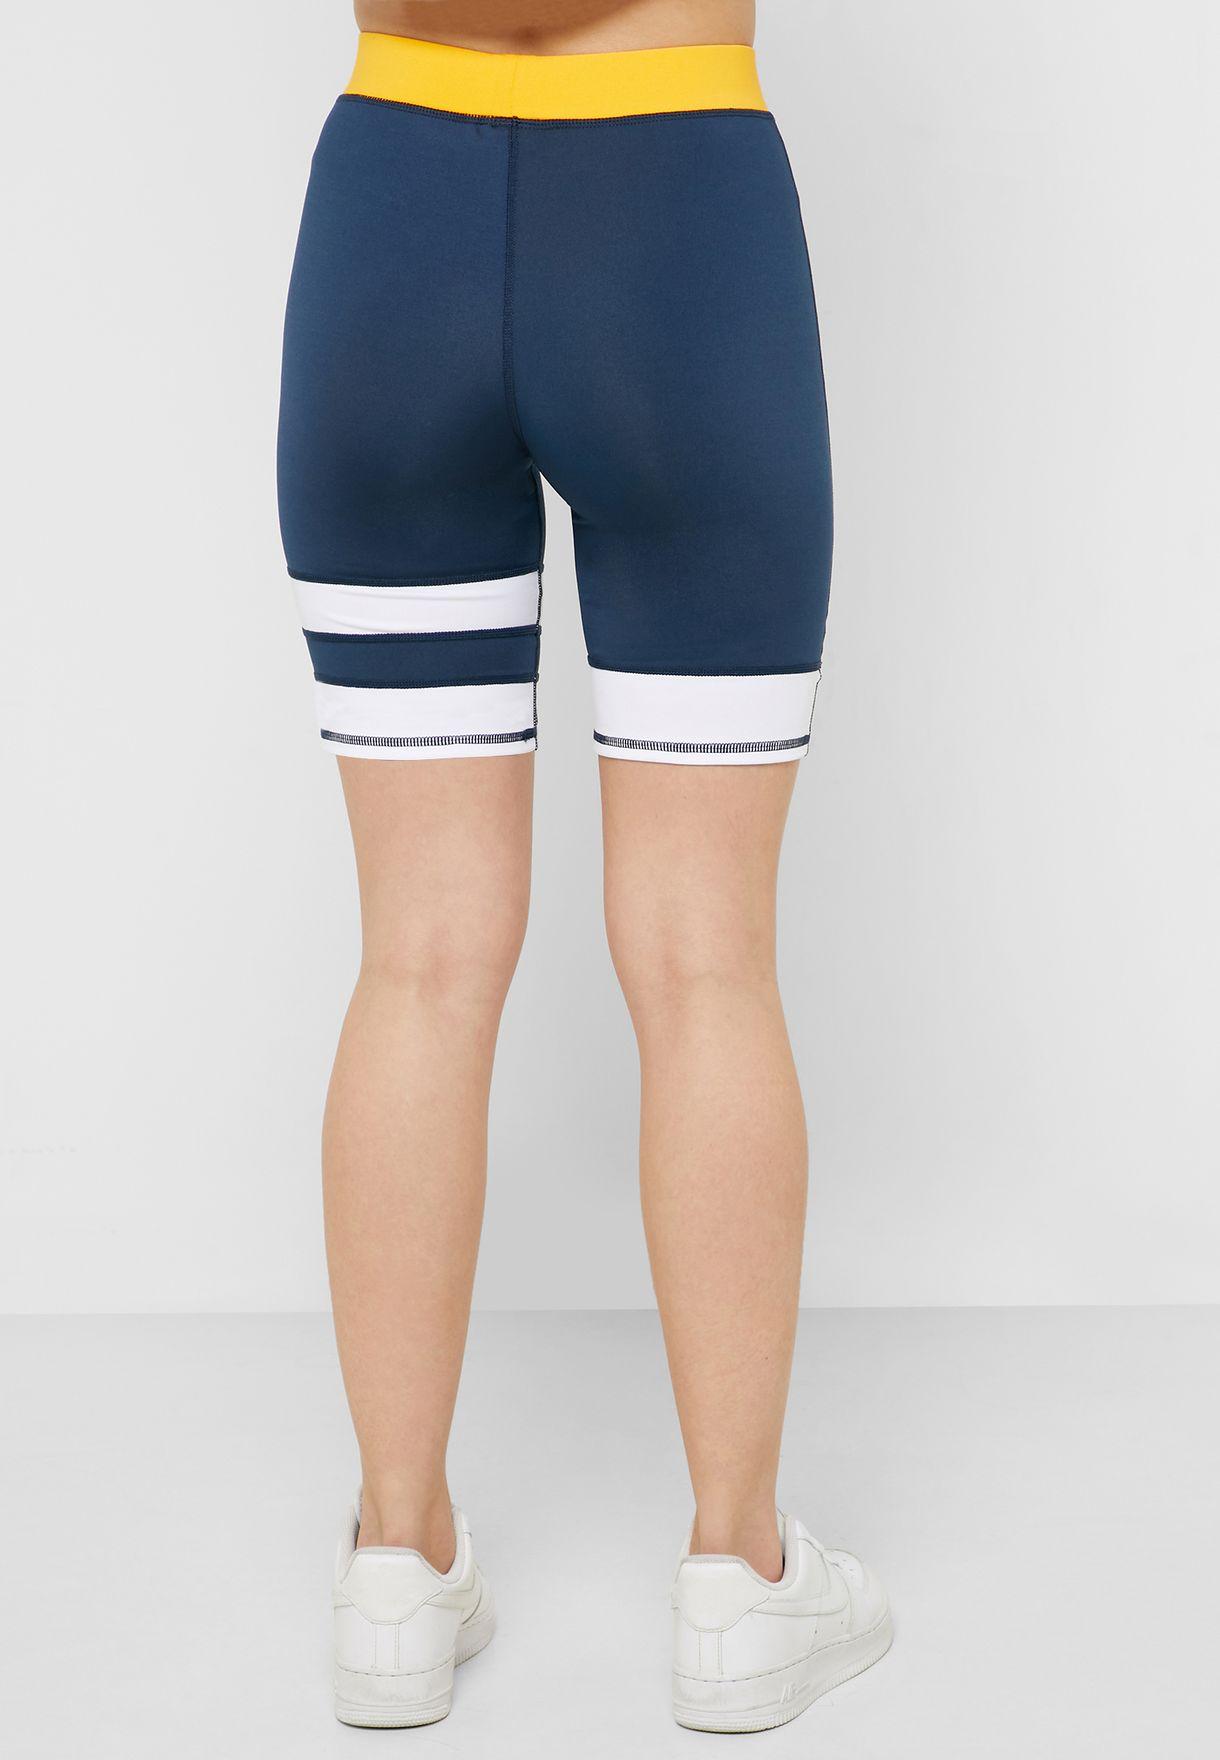 Madison Cycle Shorts